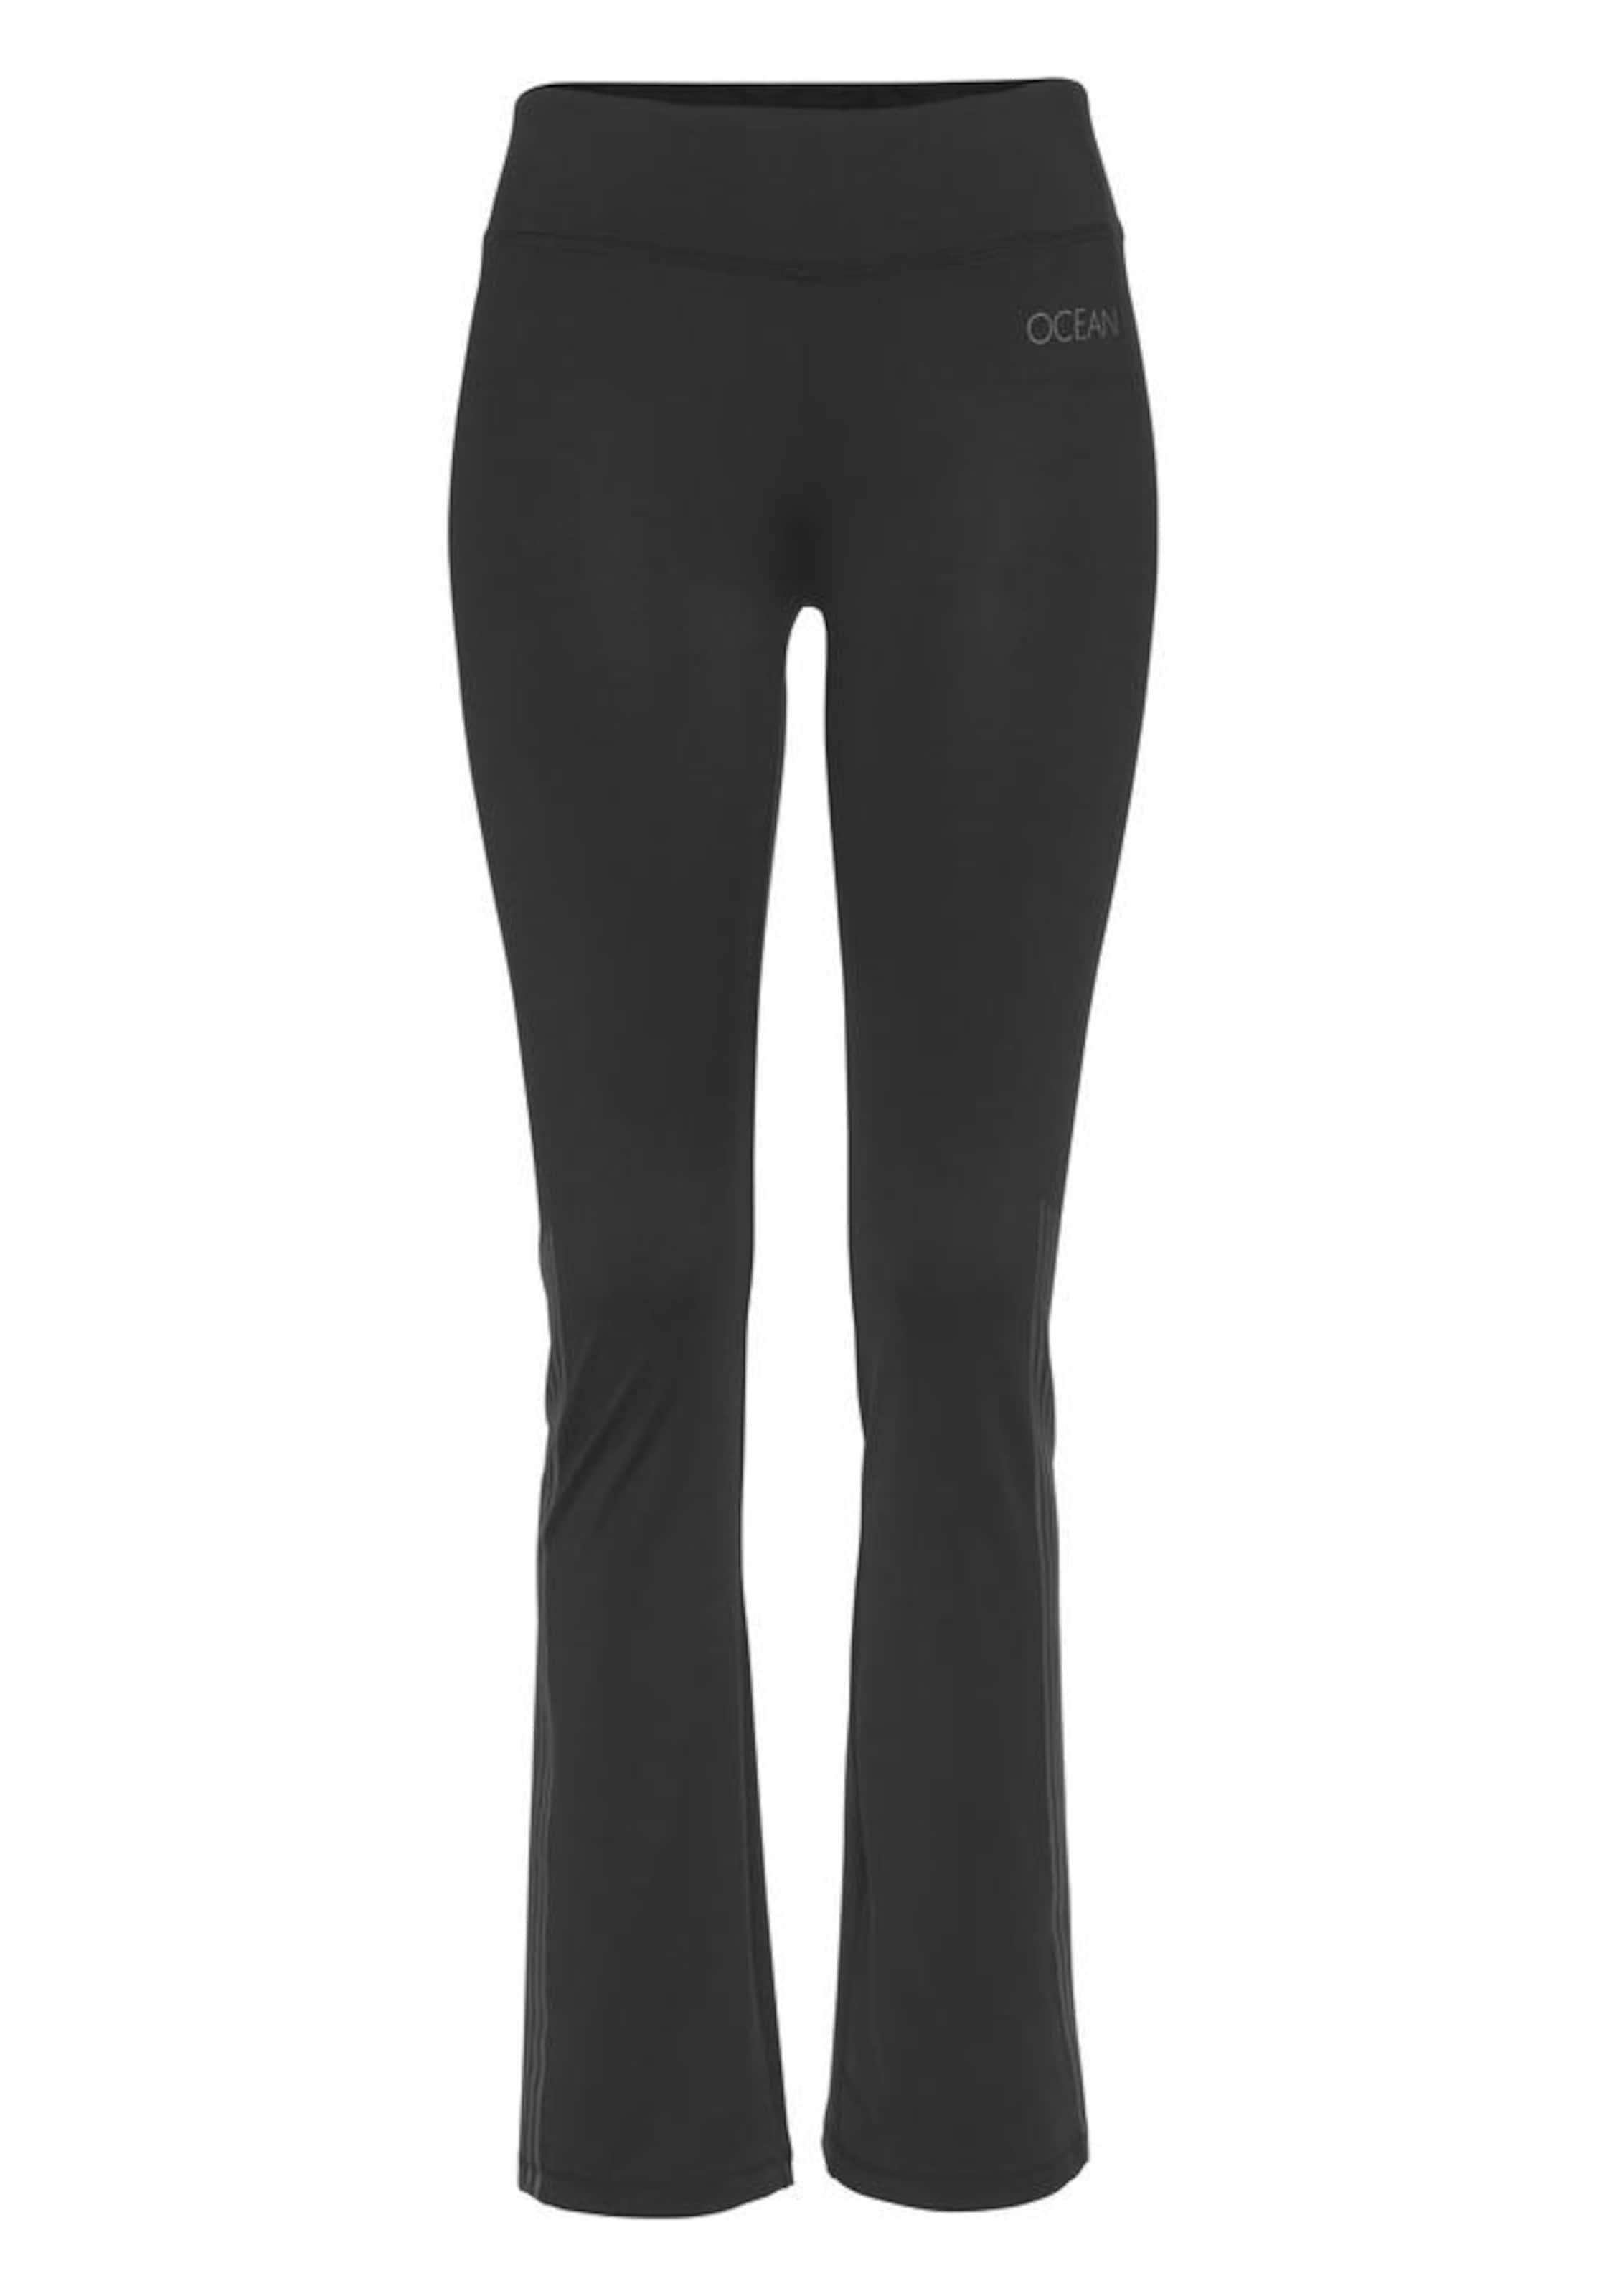 Sportswear In Jazzpants SchwarzSilber Ocean TKFlJ1c